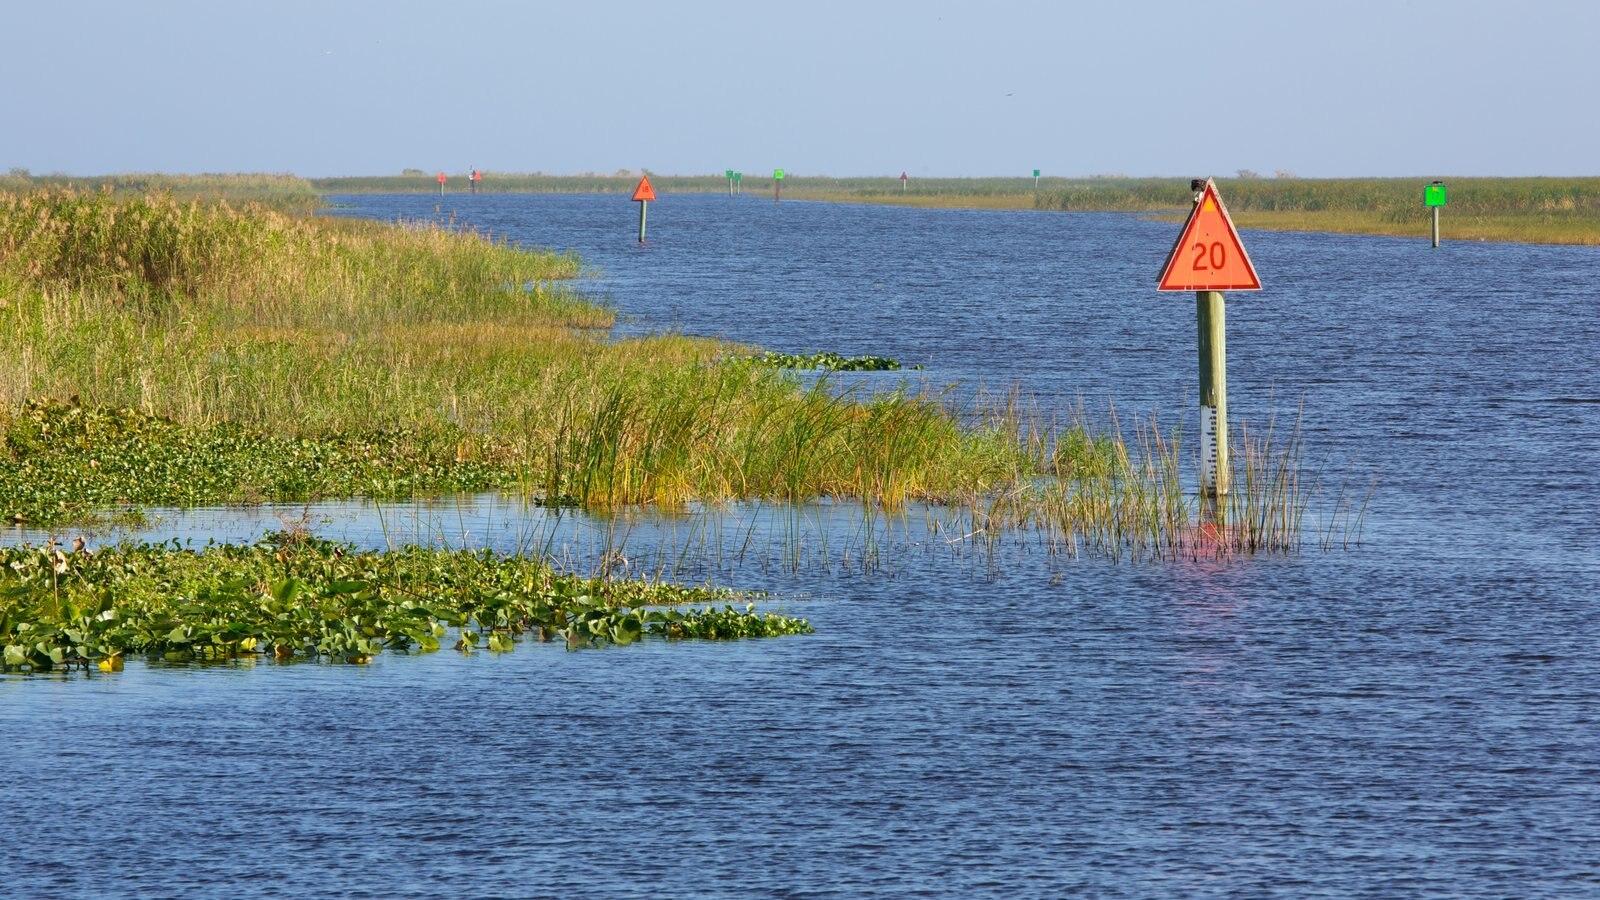 Okeechobee County, FL Land for sale 306 Listings LandWatch Pictures of lake okeechobee florida